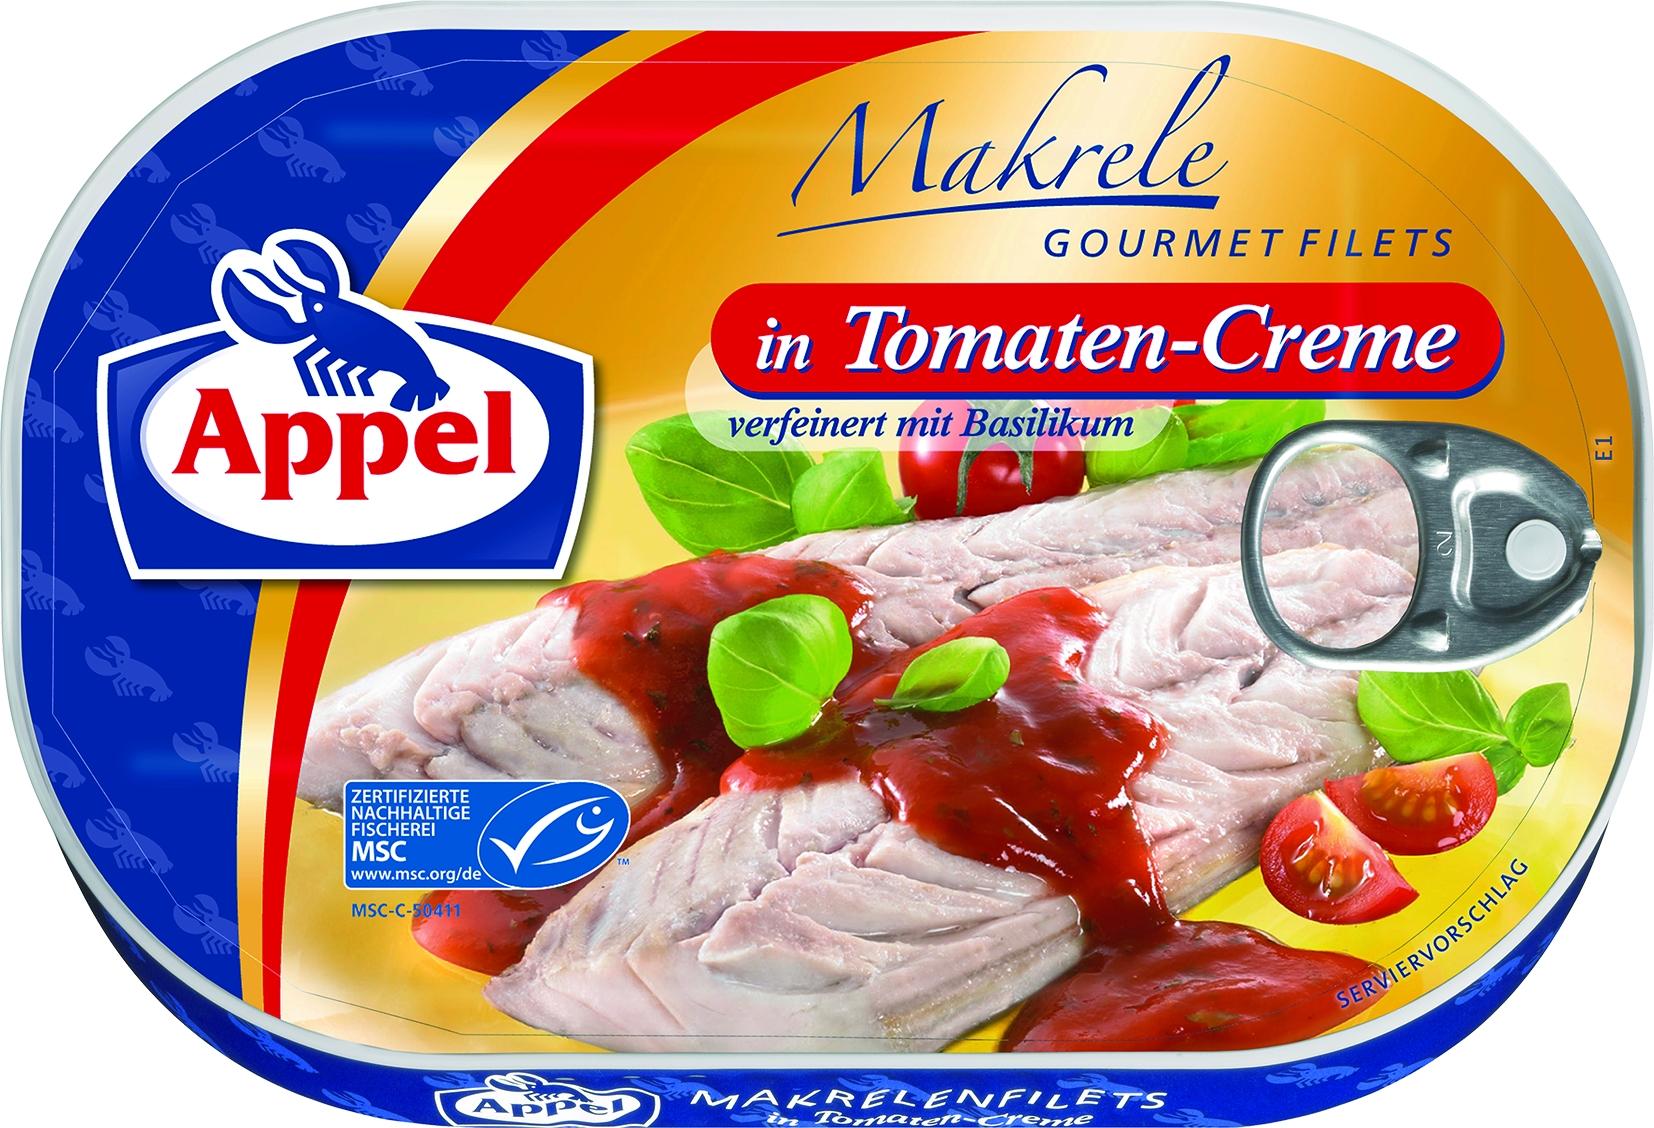 Makrelenfilet in Tomatencreme